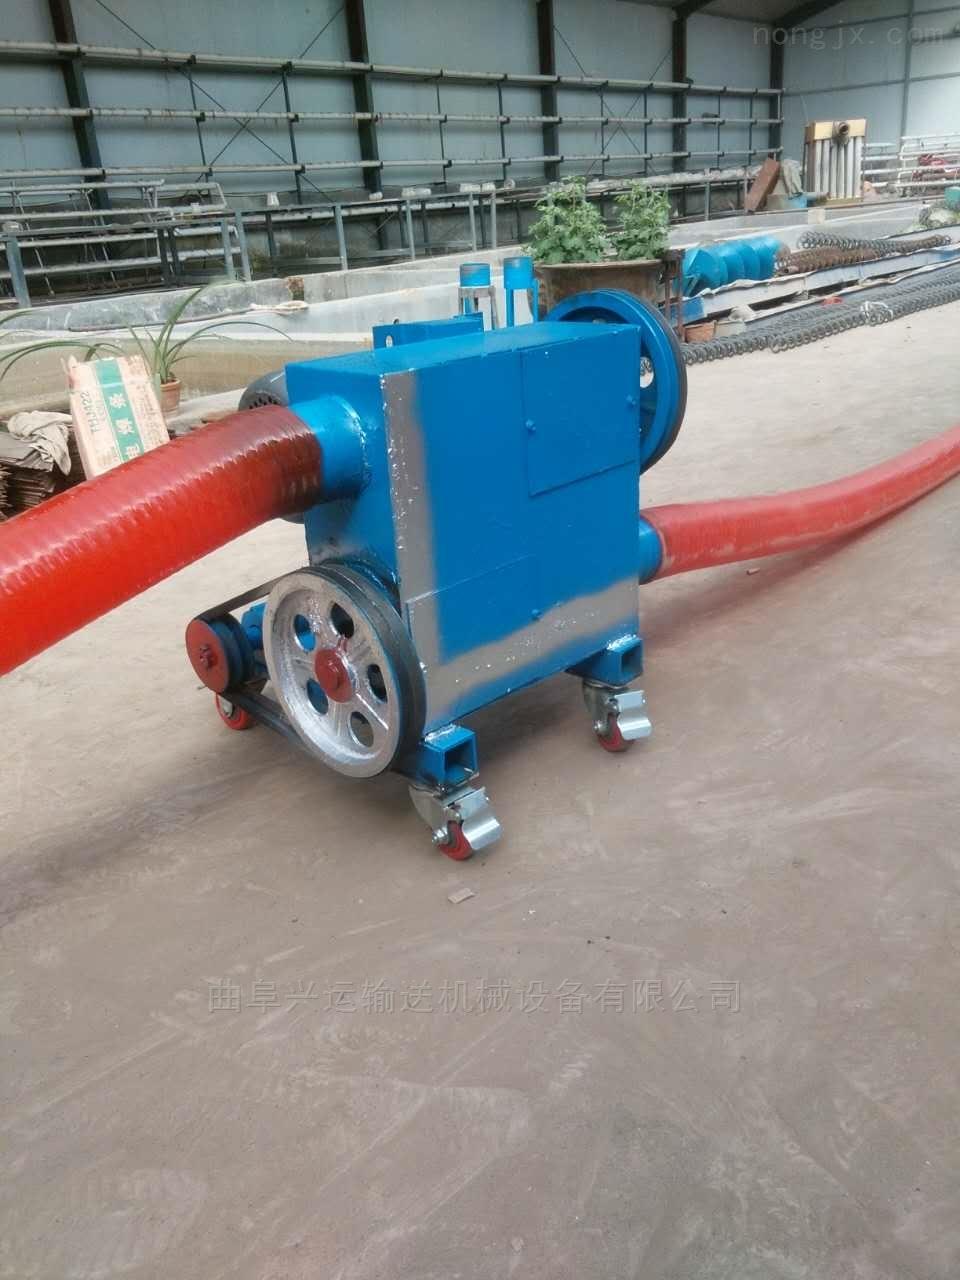 多功能车载软管吸粮机双驱动车载抽粮机Lj7